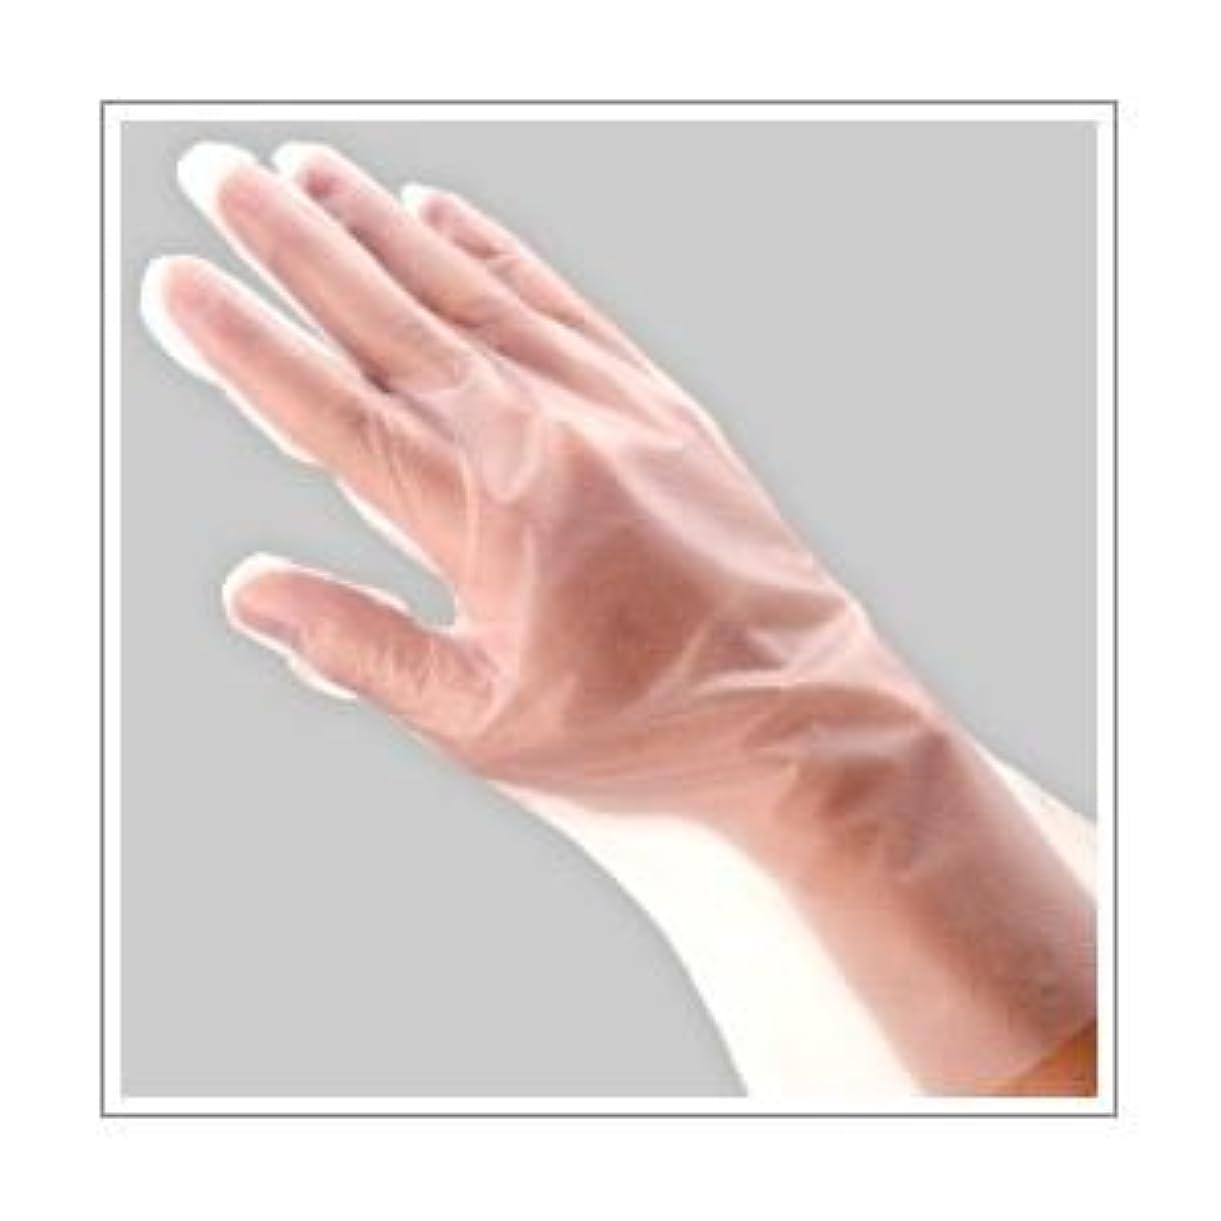 隠されたセマフォ中止します(業務用セット) 福助工業 ポリ手袋 指フィット 100枚パック M 【×10セット】